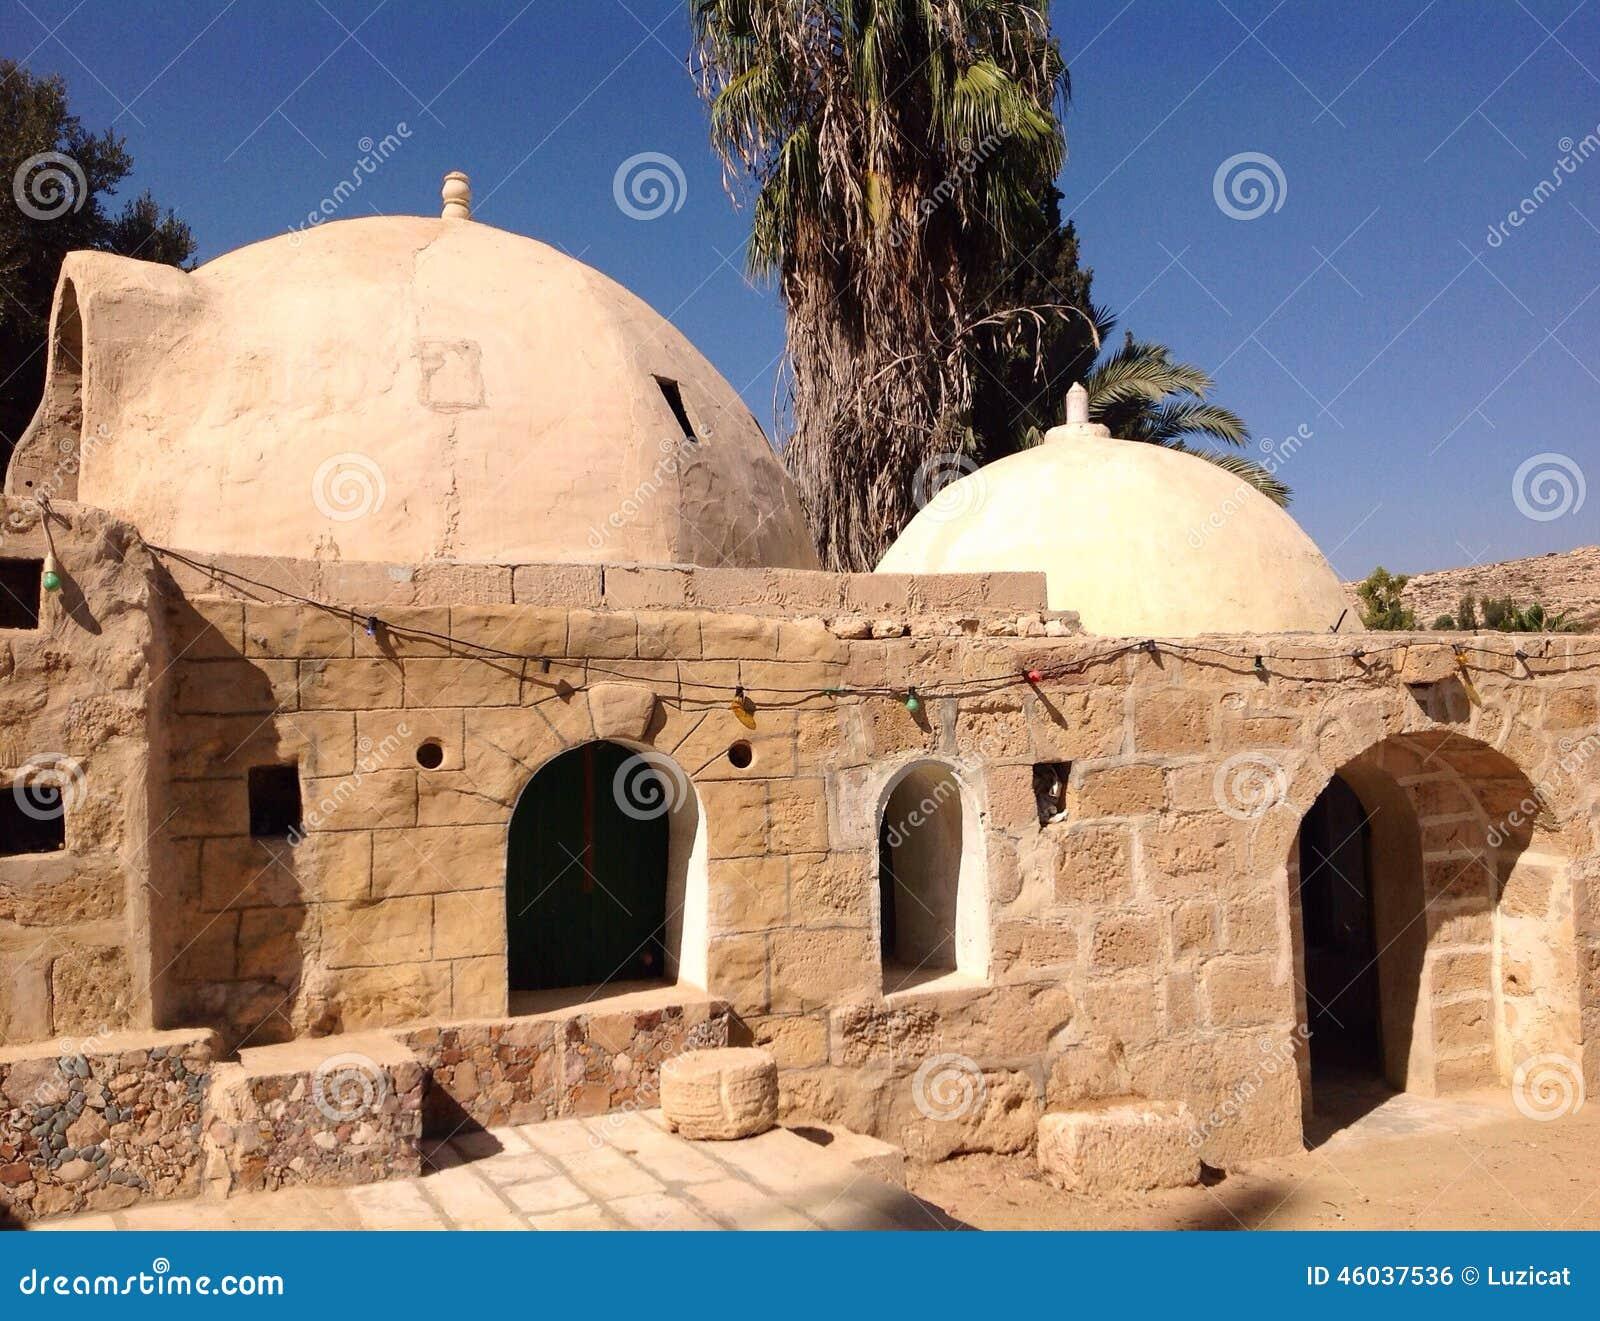 Maisons arabes traditionnelles dans le d sert de nagev for Architecture maison arabe